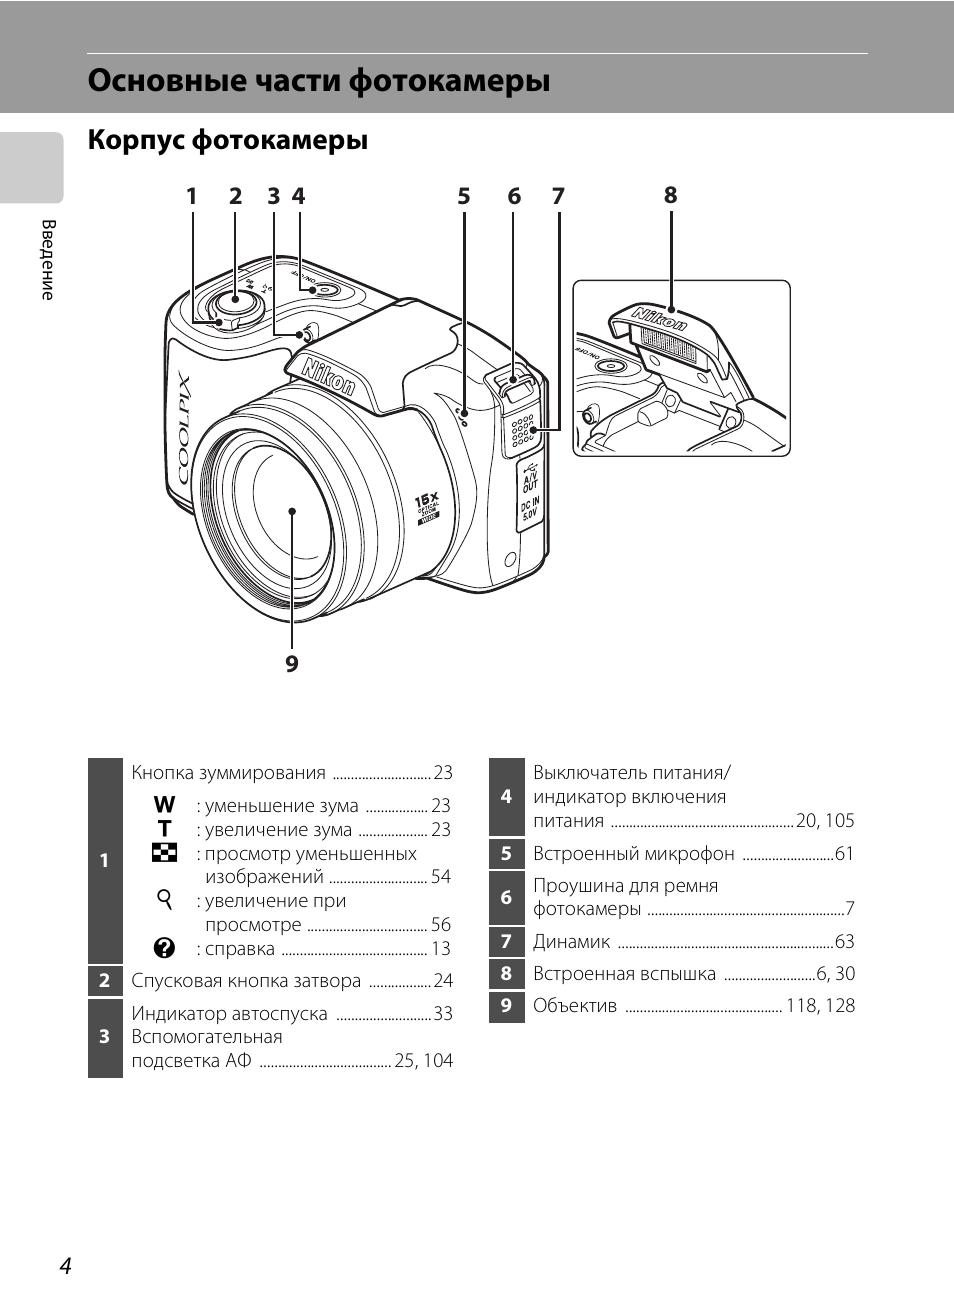 инструкция по эксплуатации фотоаппарата никон кирби уборочный